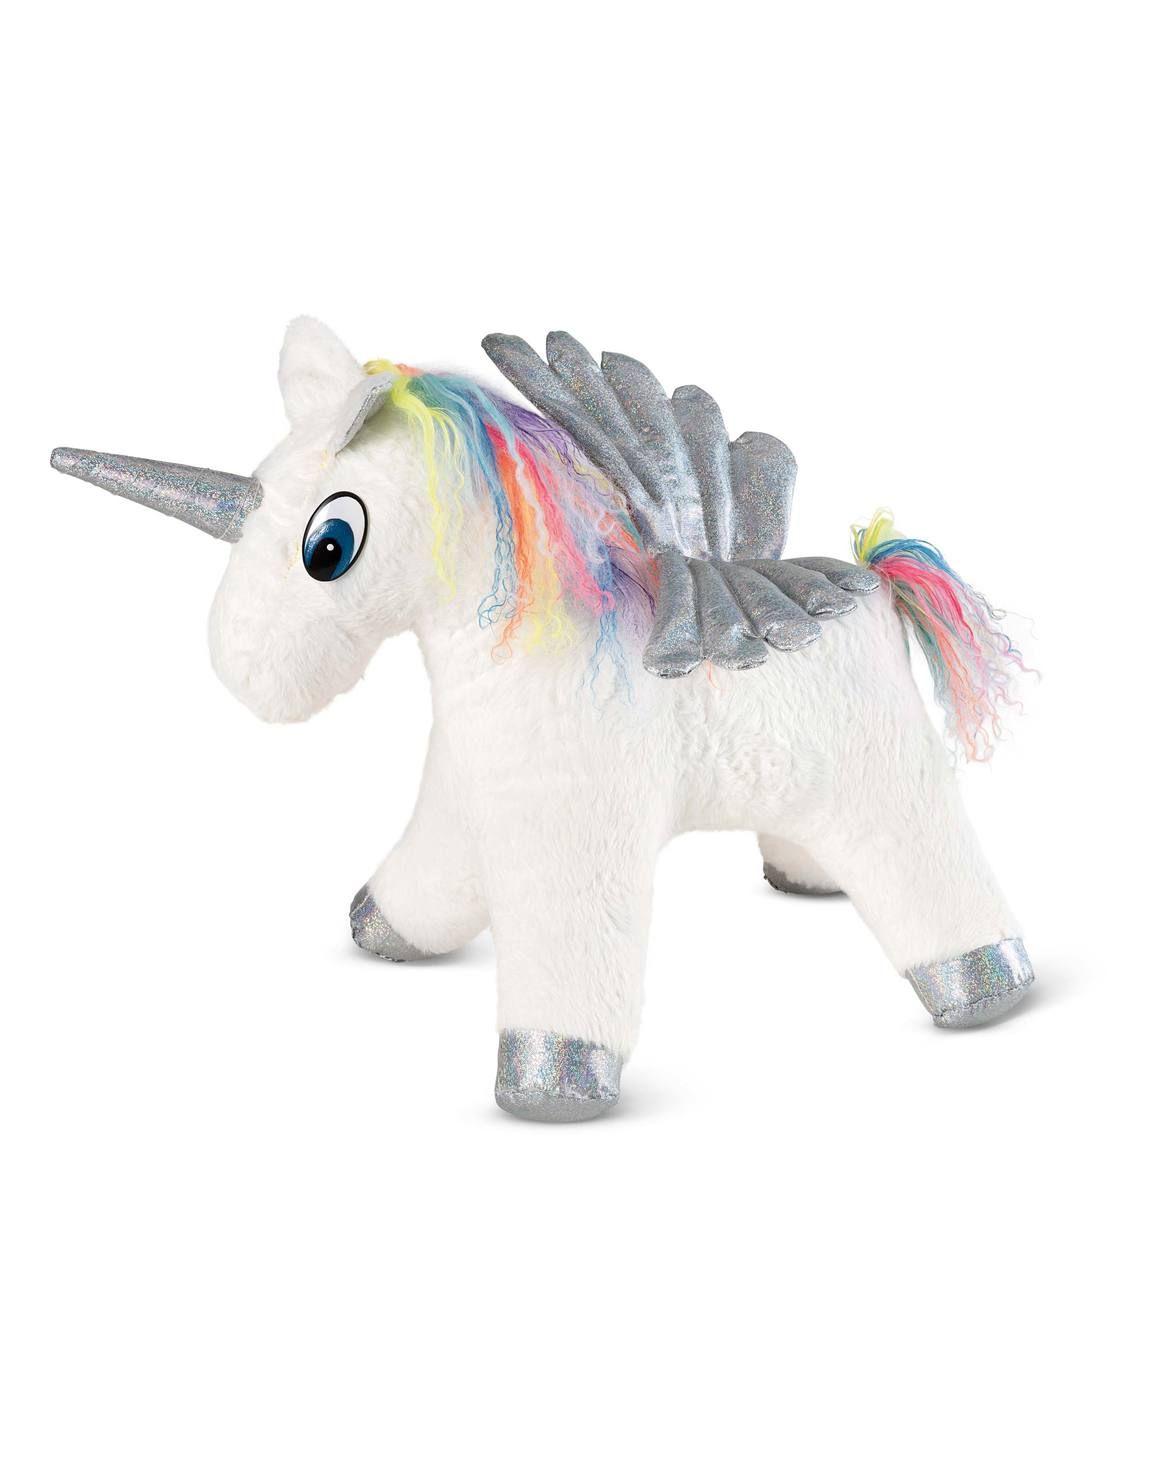 Burda Style Patterns Unicorn H W 2017 6495b Unicorn Cuddly Toy With Flat Furry And A Colorful Wool Mane The Unicorn Pferd Schnittmuster Einhorn Einhorn